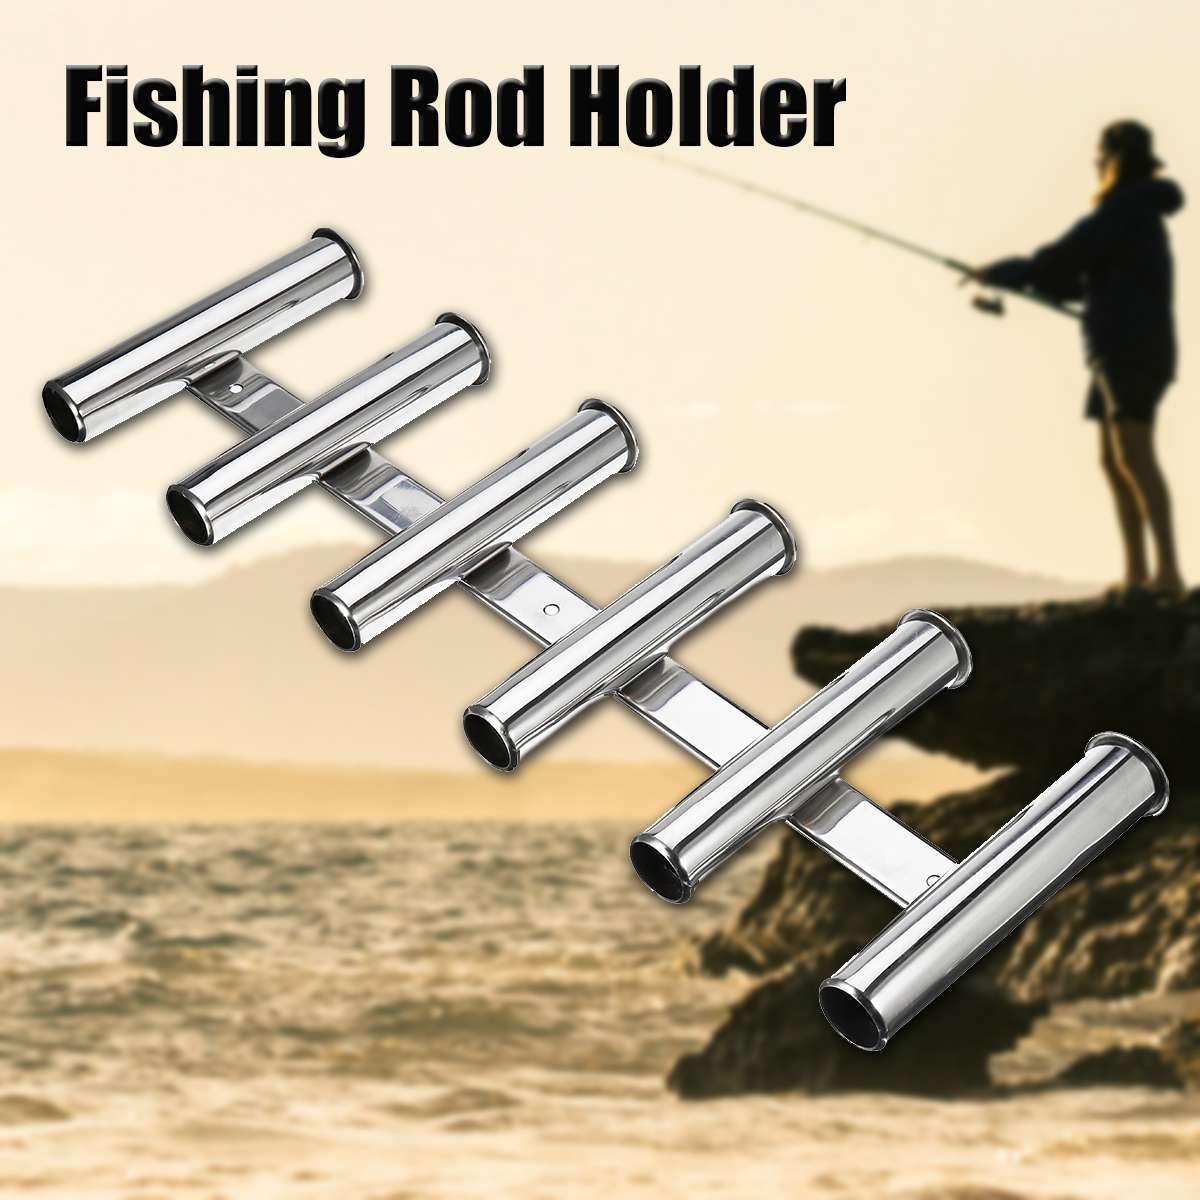 26 pouces/66 cm canne à pêche en acier inoxydable Portable 6 Tubes à maillons bateau marin pôle de pêche support organisateur